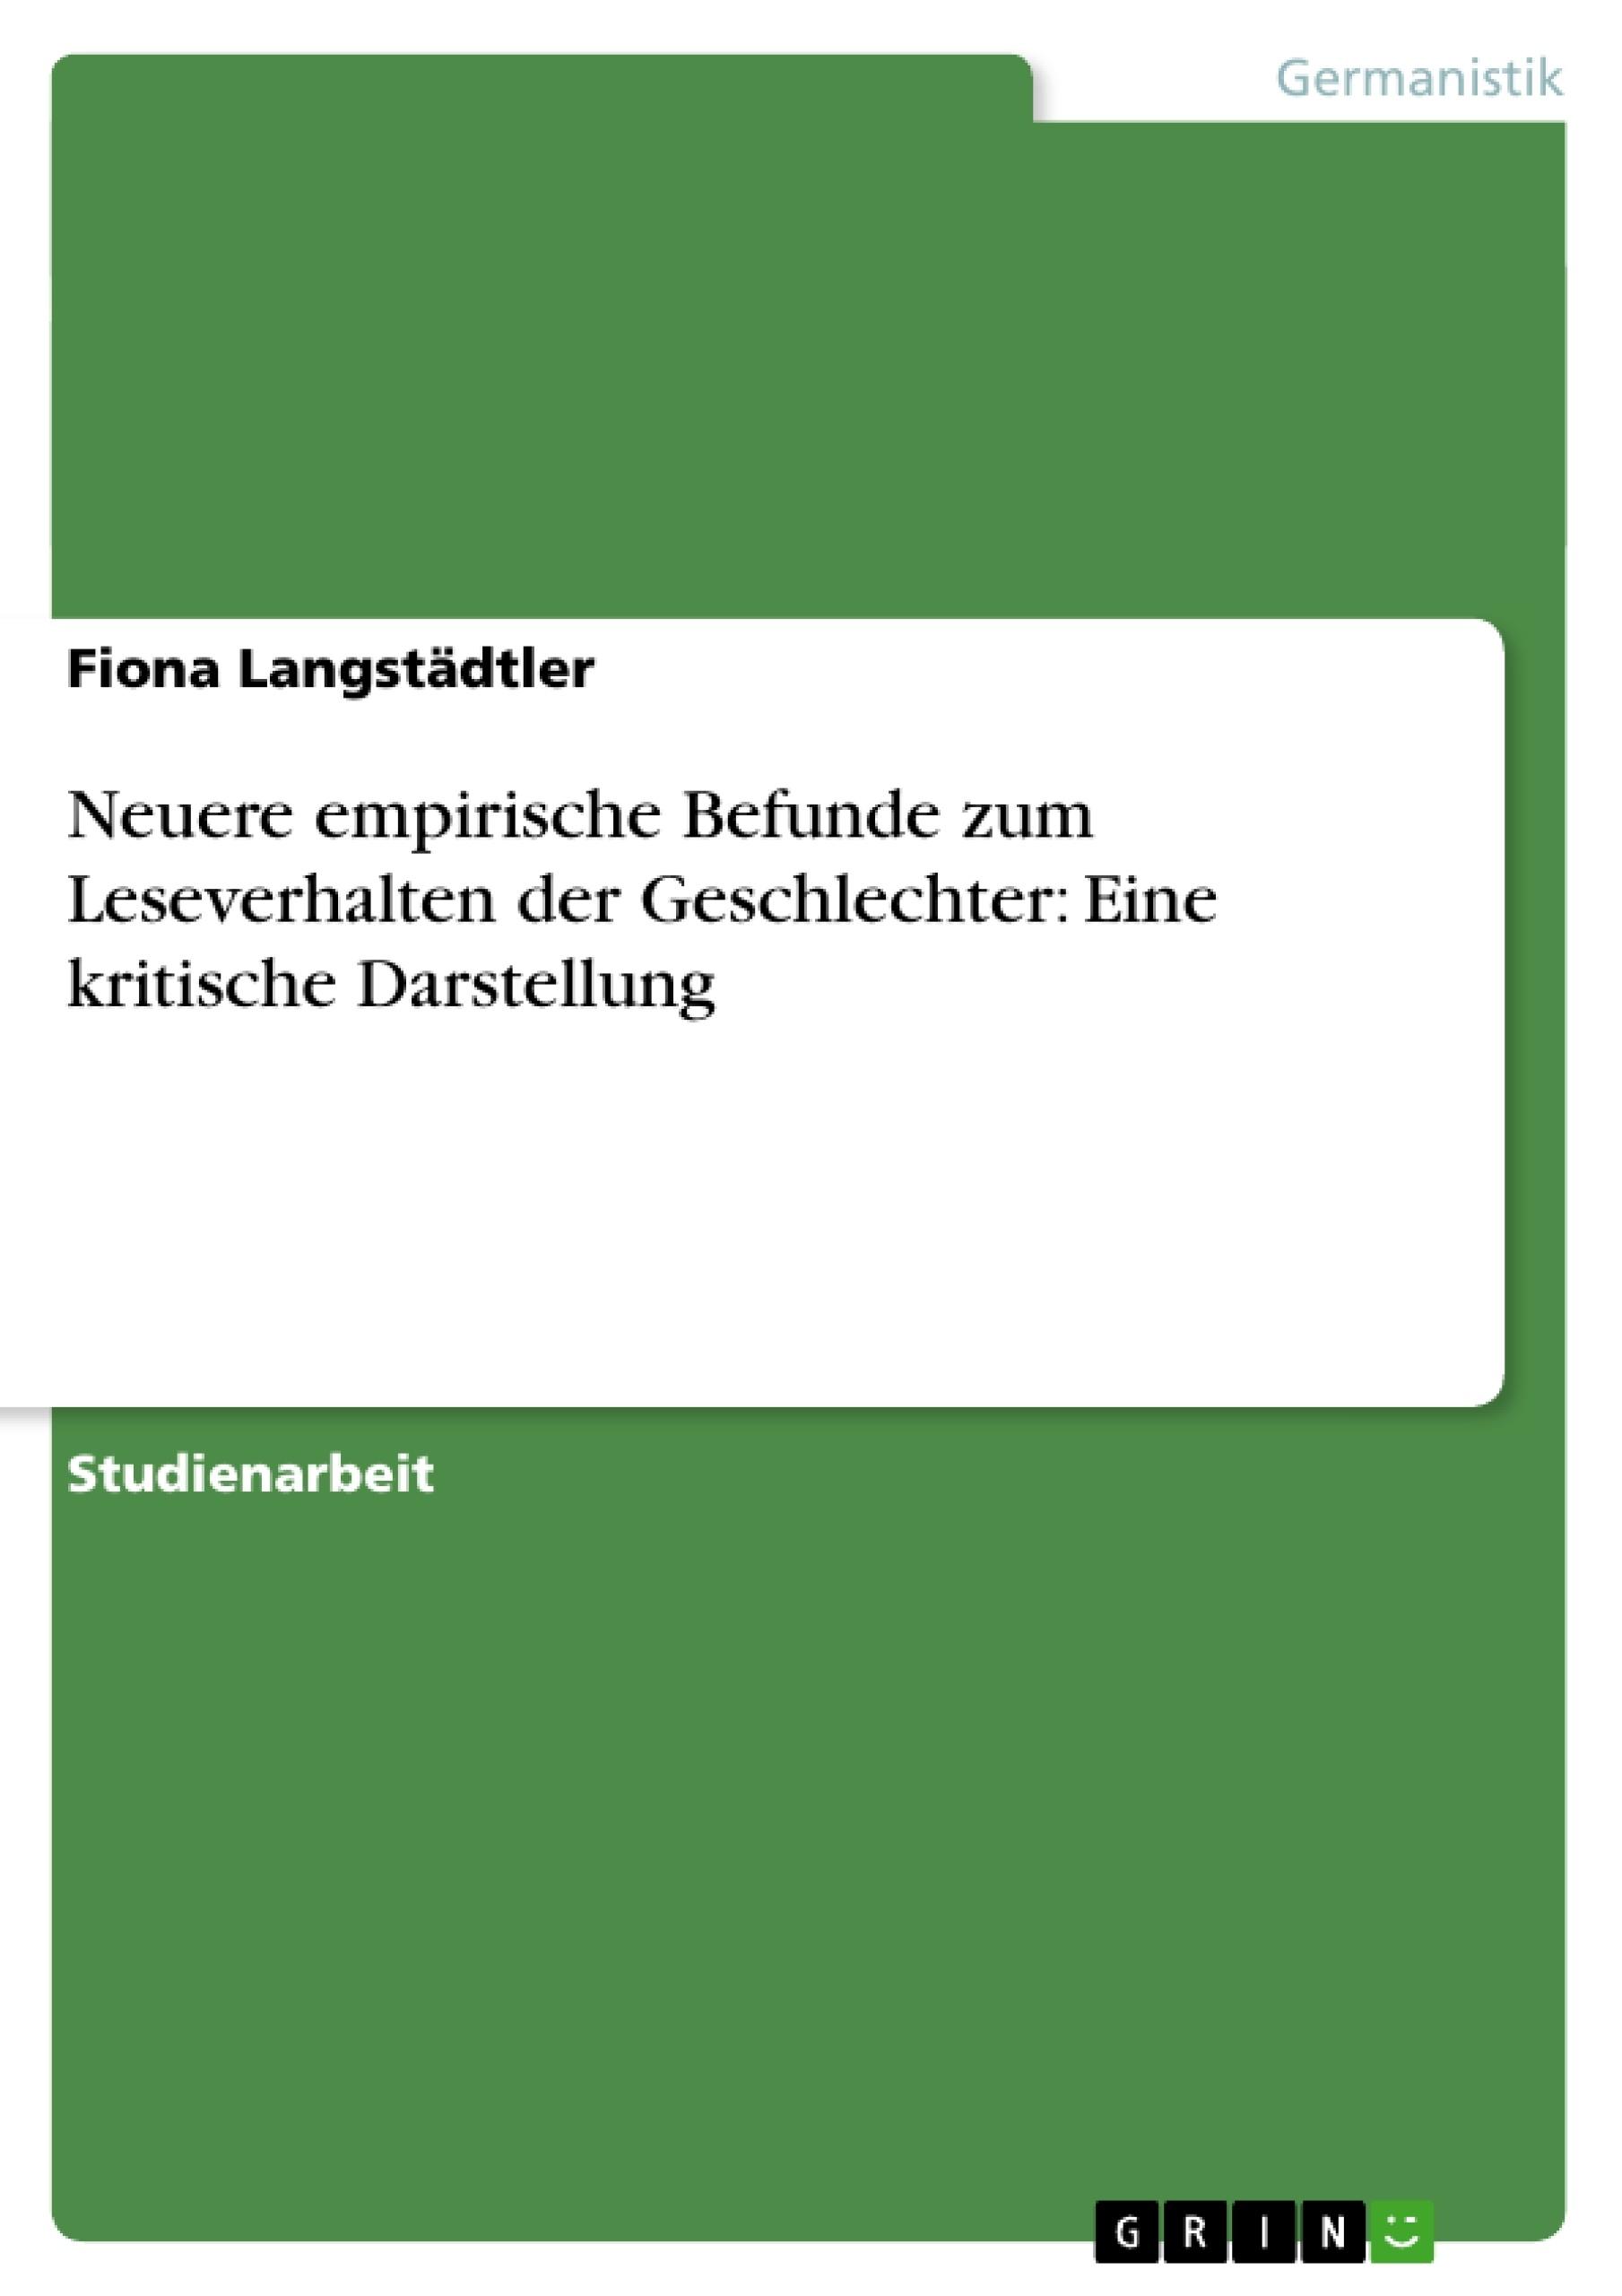 Titel: Neuere empirische Befunde zum Leseverhalten der Geschlechter: Eine kritische Darstellung